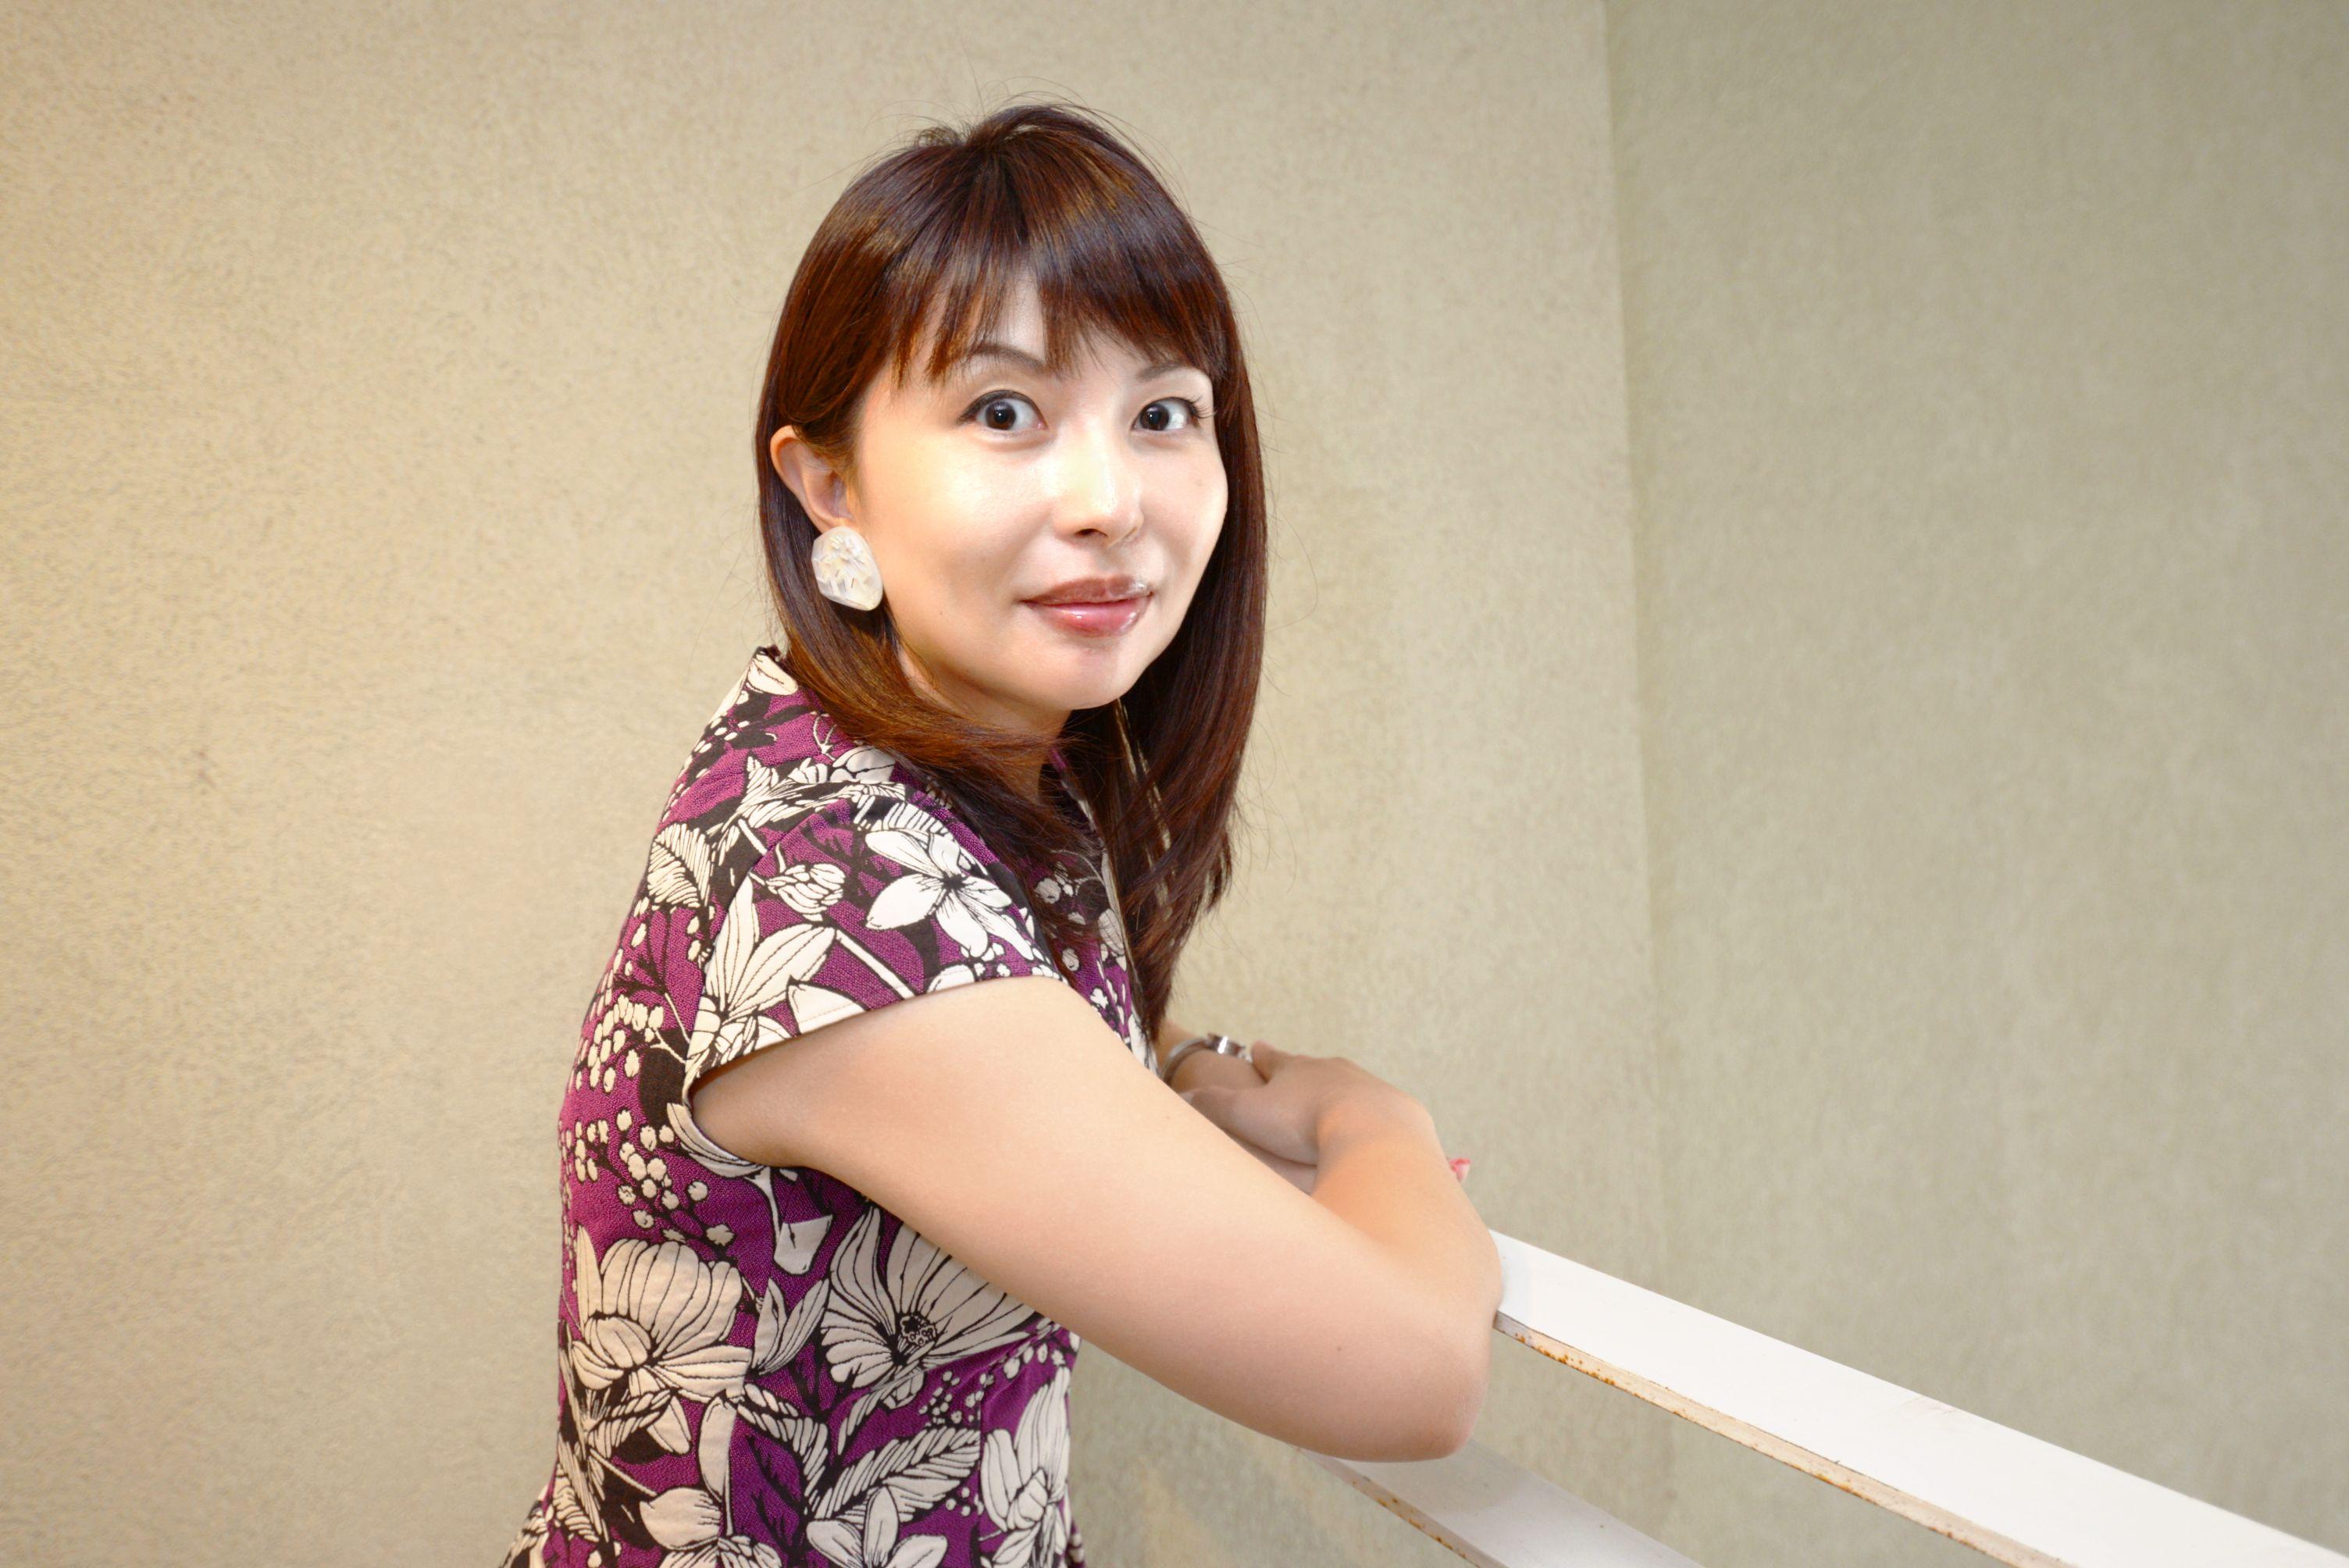 9月の沖縄オフィス無料相談(ご入会説明)日程☆